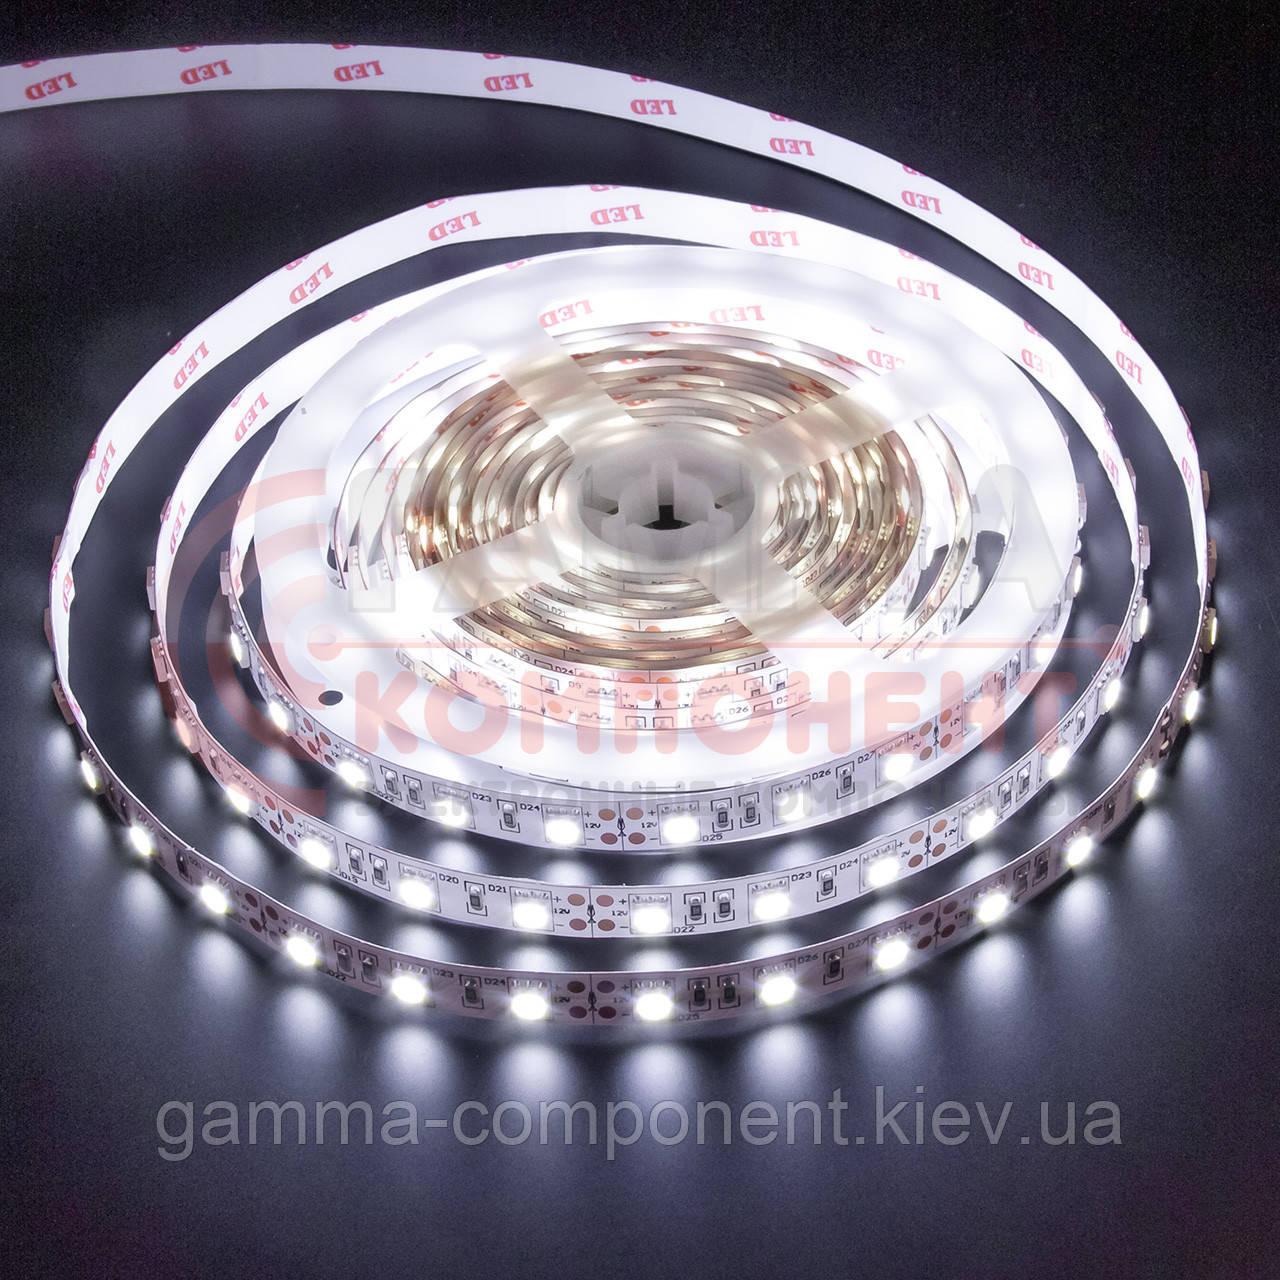 Светодиодная лента MOTOKO PREMIUM SMD 5050 (60 LED/м), белый, IP20, 12В - бобины от 5 метров